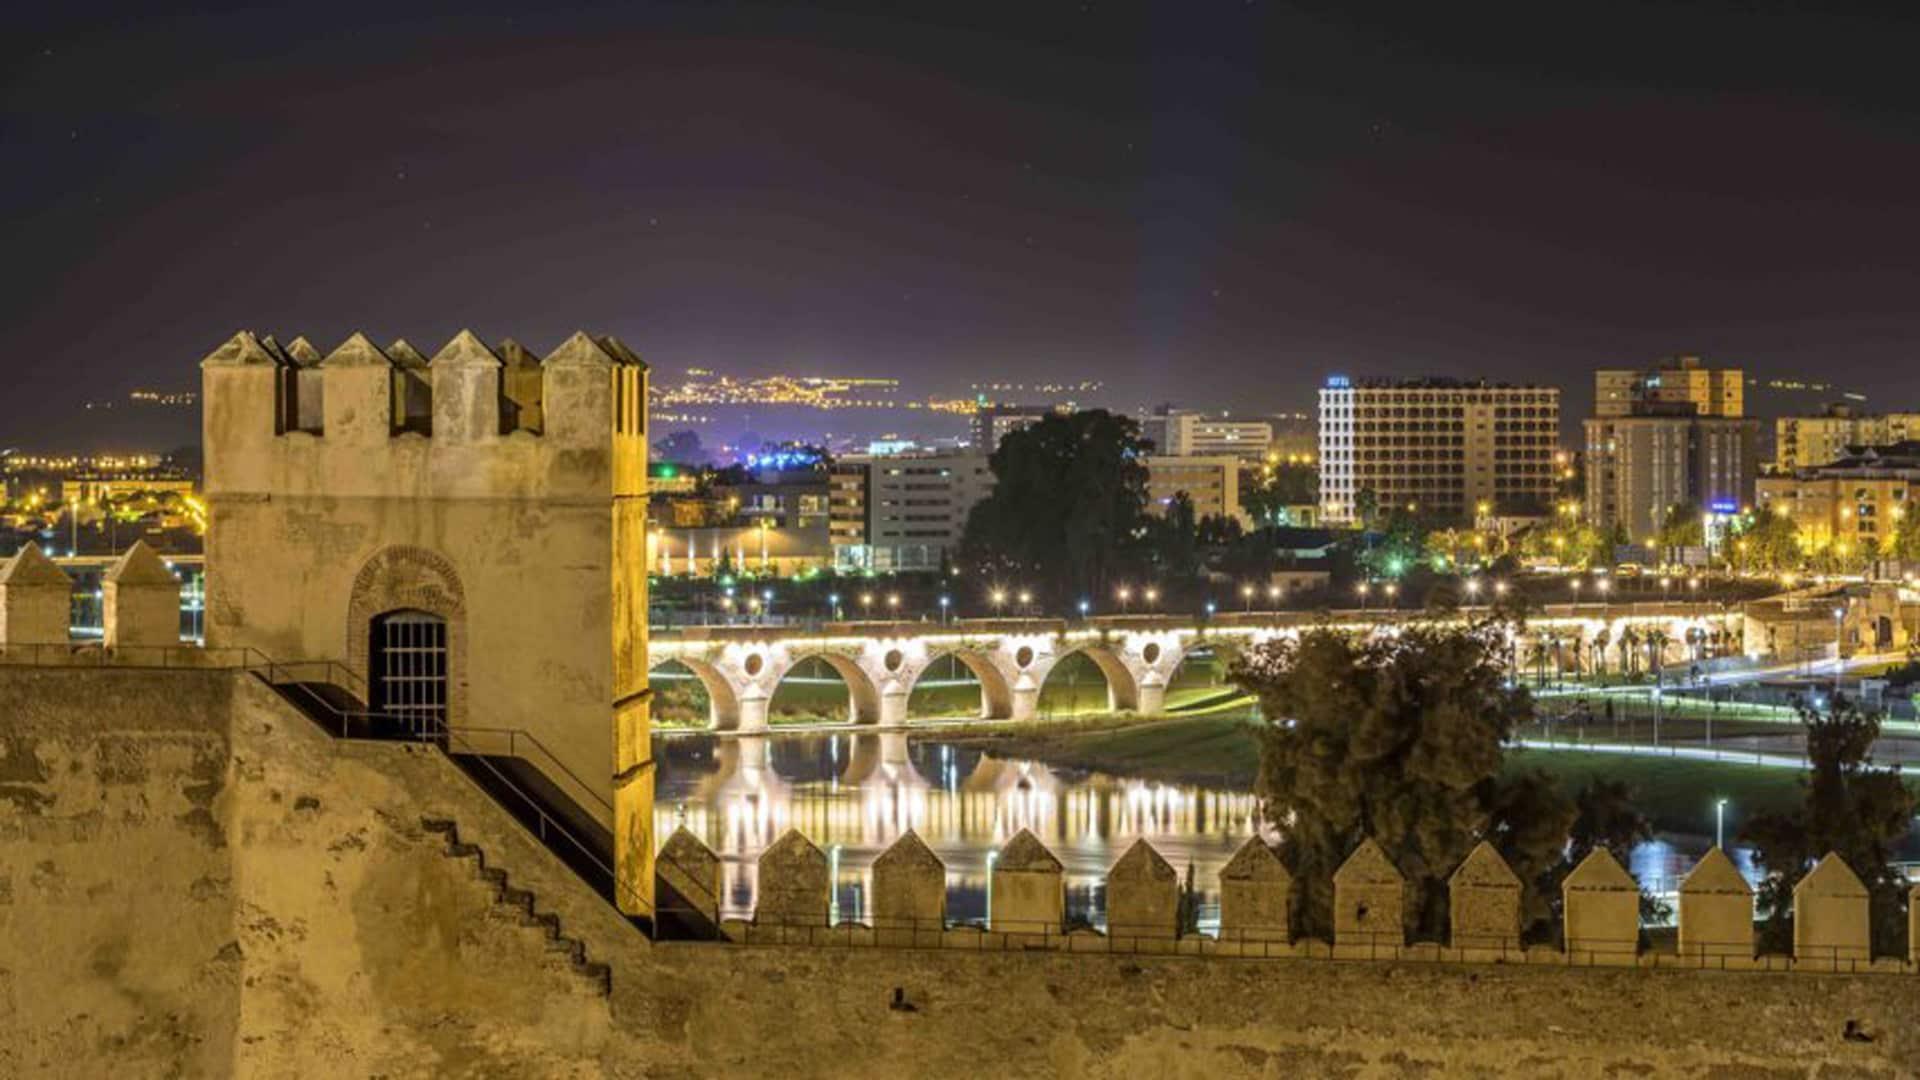 Movistar Badajoz: tiendas y cobertura